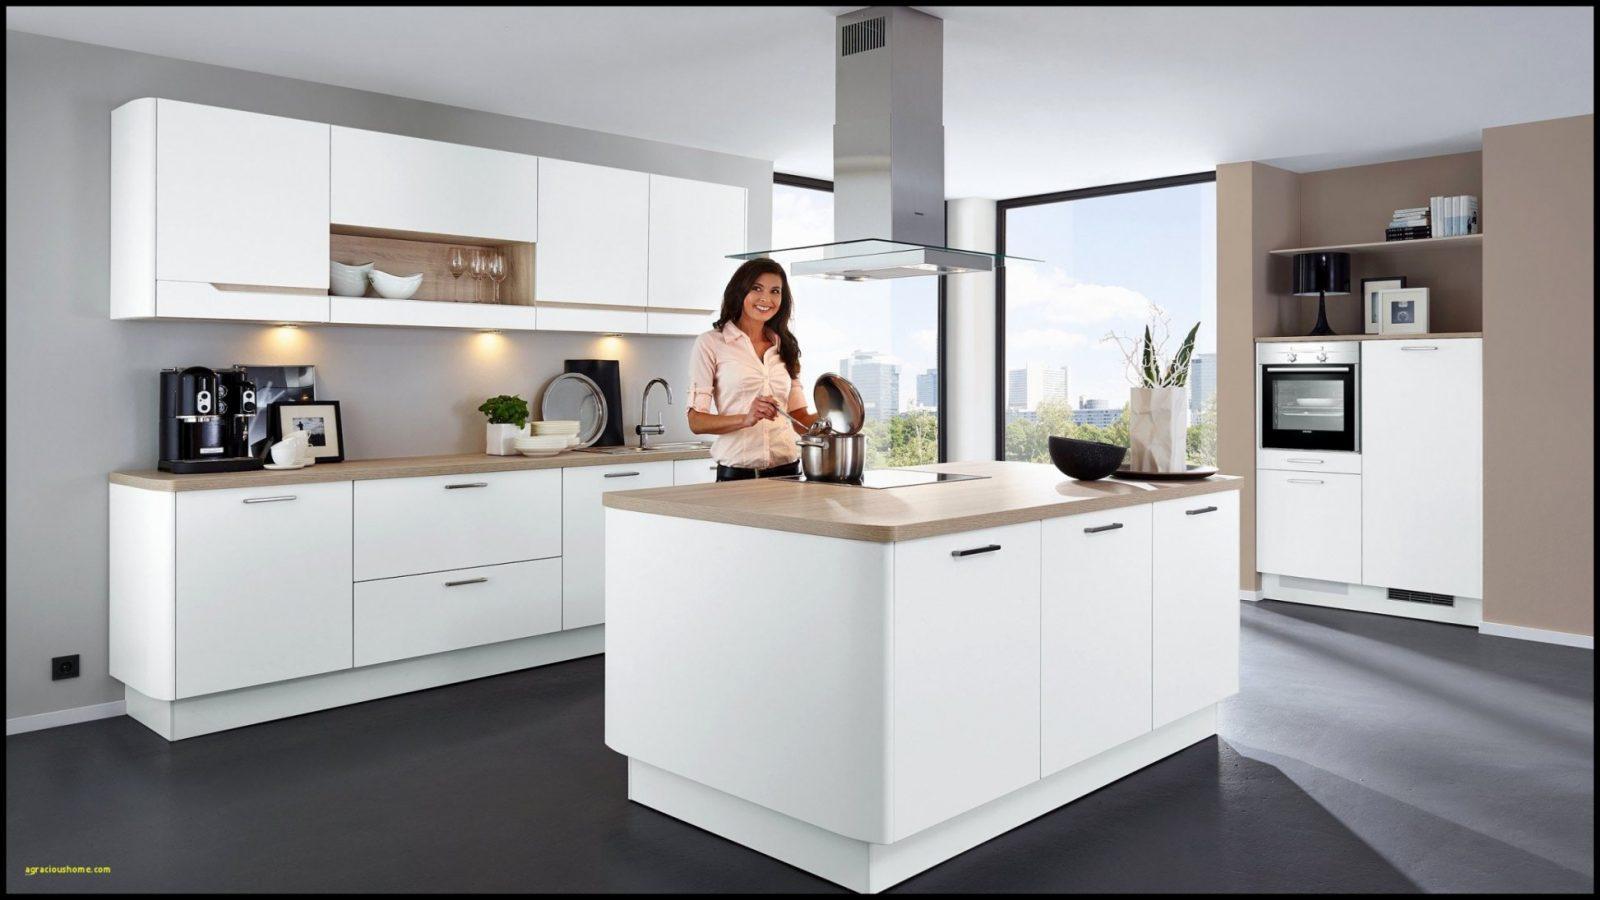 Offene Küche Trennen — Temobardz Home Blog von Offene Küche Wohnzimmer Abtrennen Bild